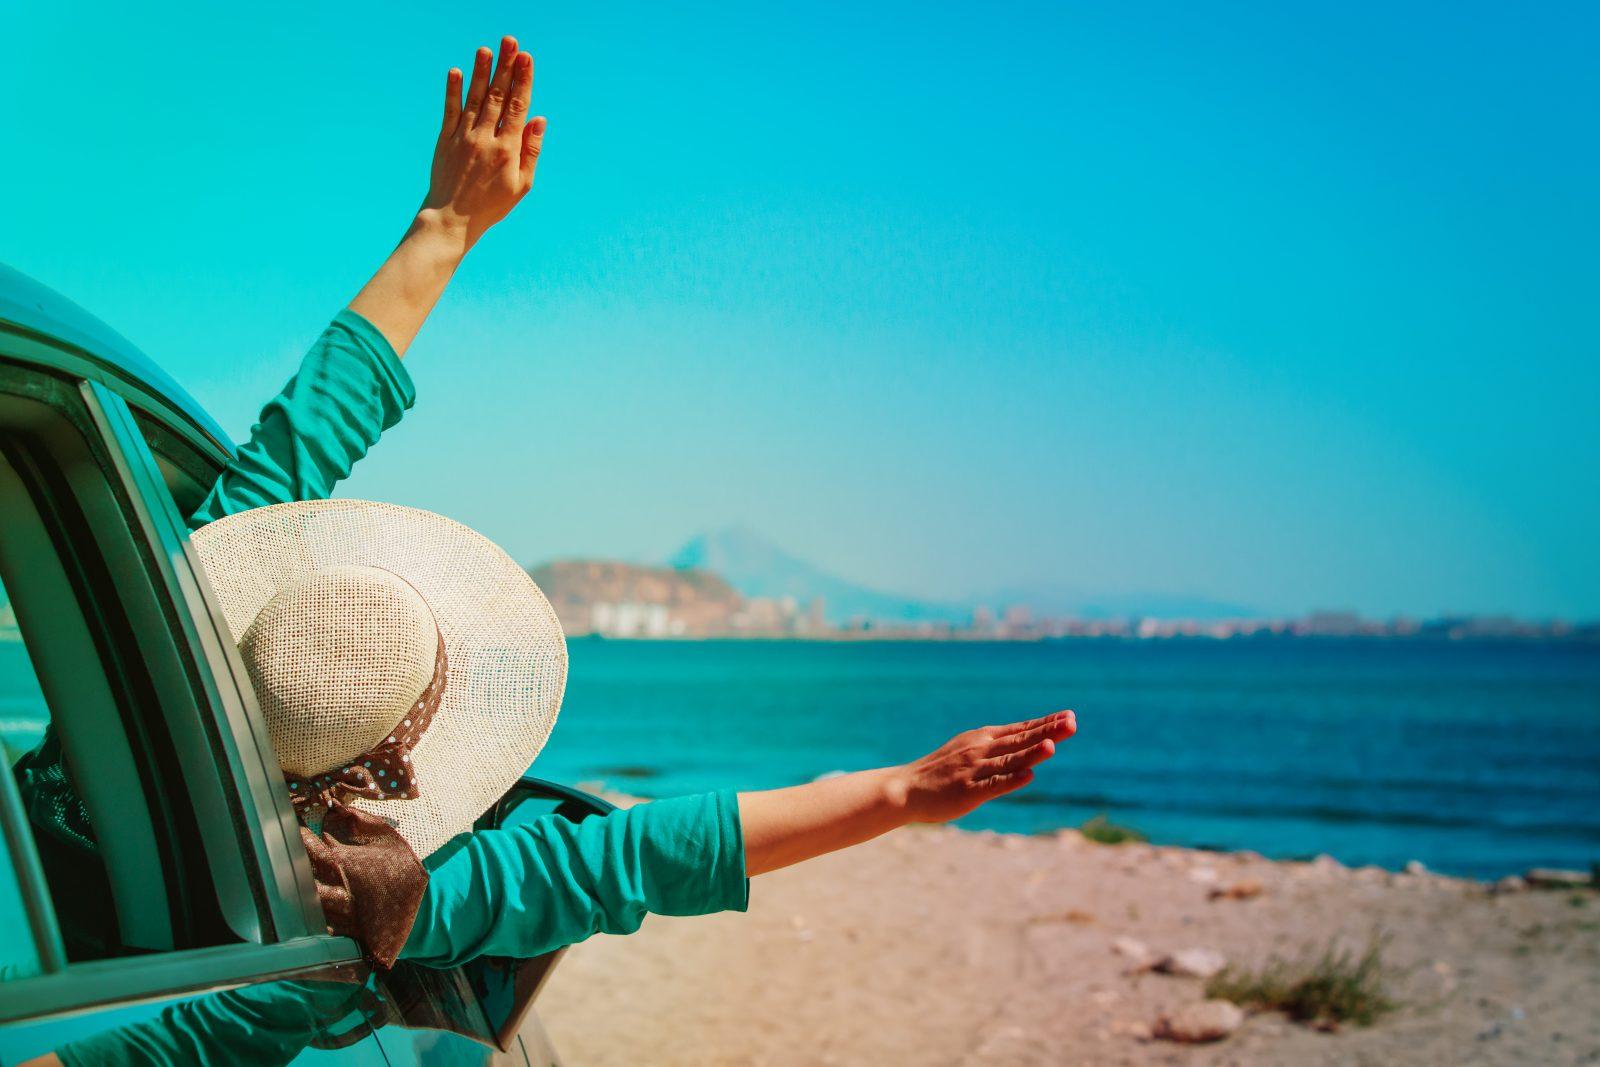 Meilleures astuces de cœliaques pour des vacances sans stress et sans gluten